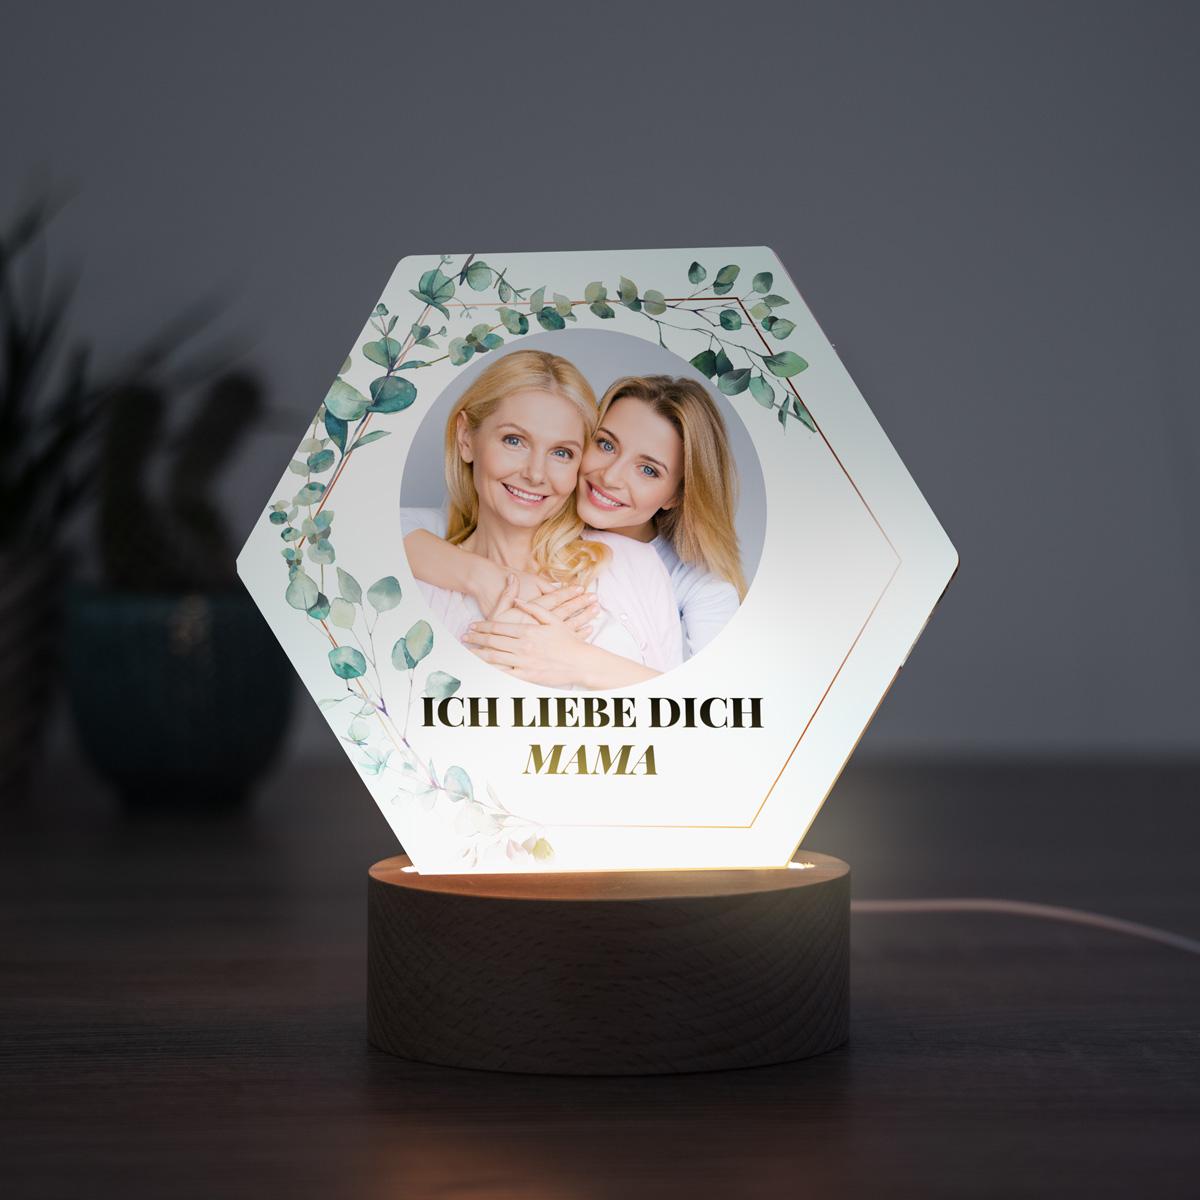 Muttertagsgeschenke LED-Leuchte Blätter mit Bild und Text